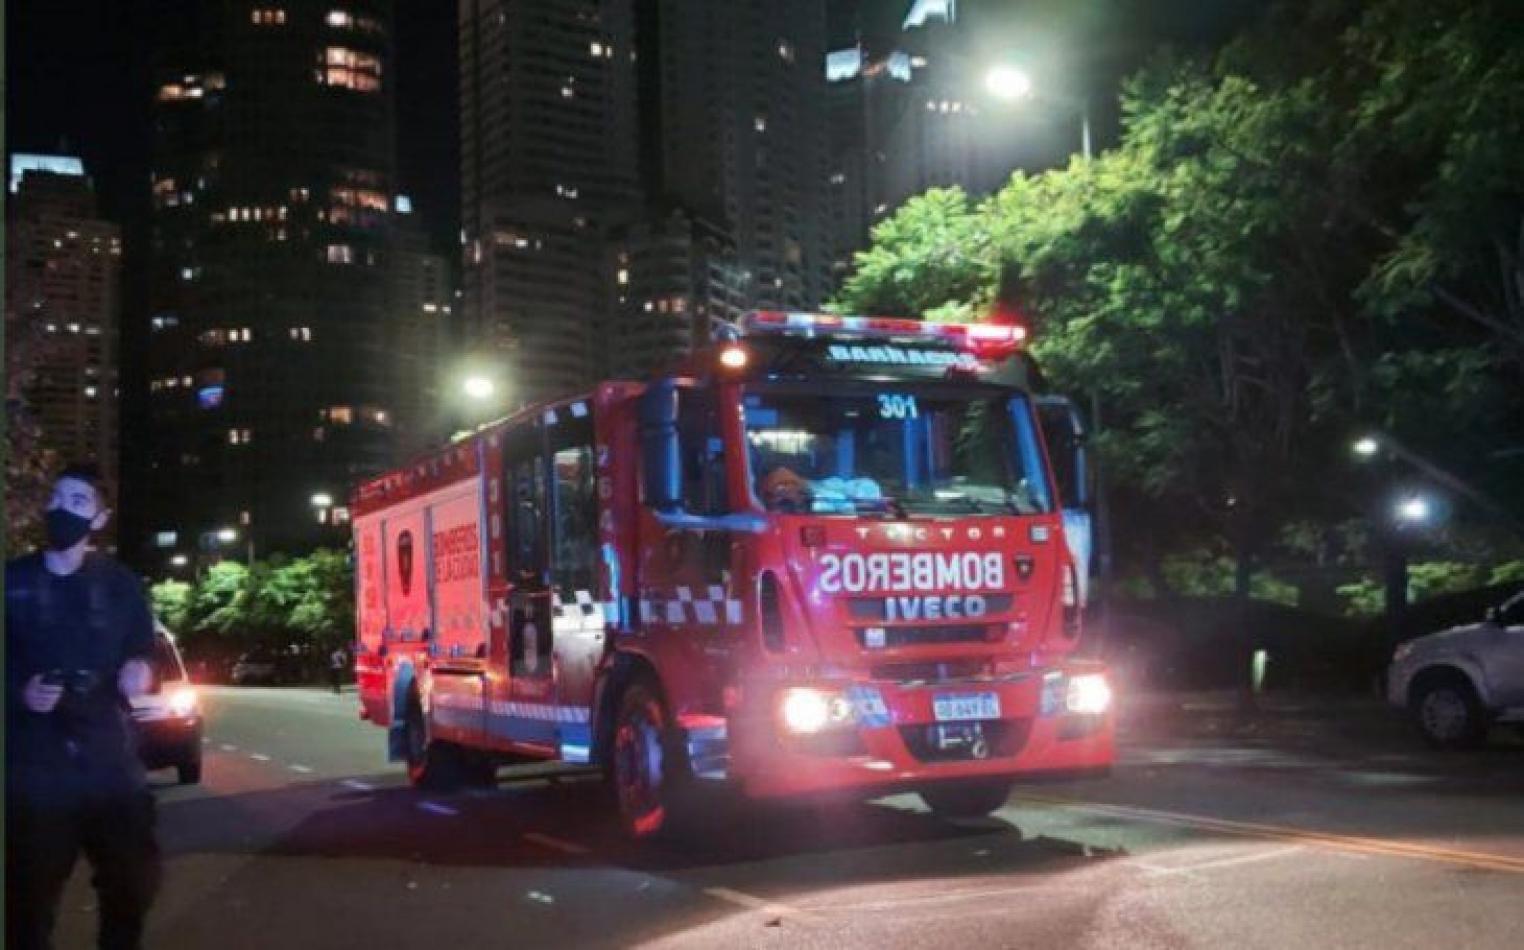 Niña de 6 años cayó desde el quinto piso de un edificio: está viva